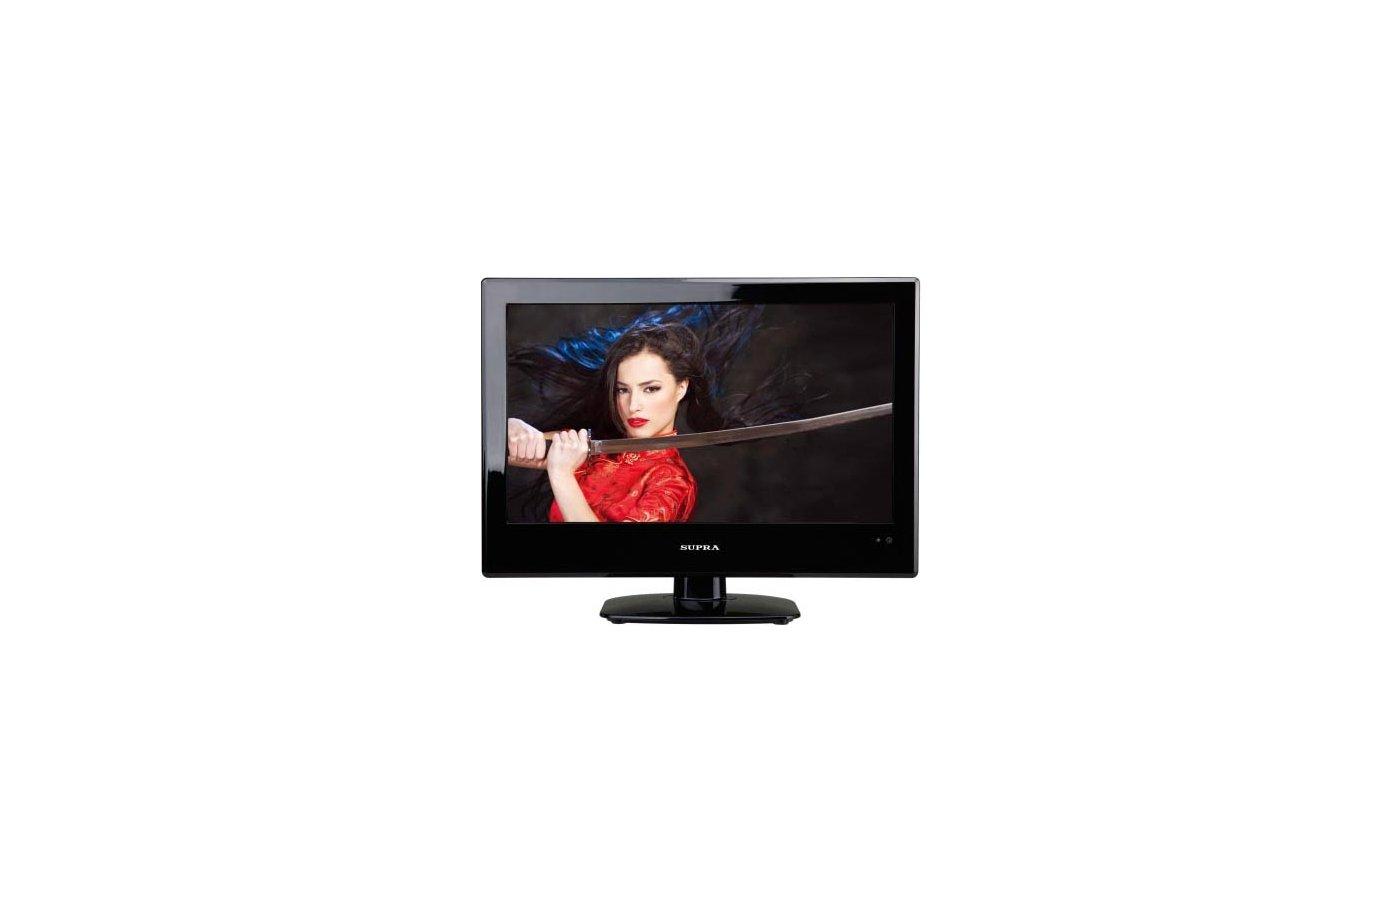 инструкция к кинескопному телевизору супра